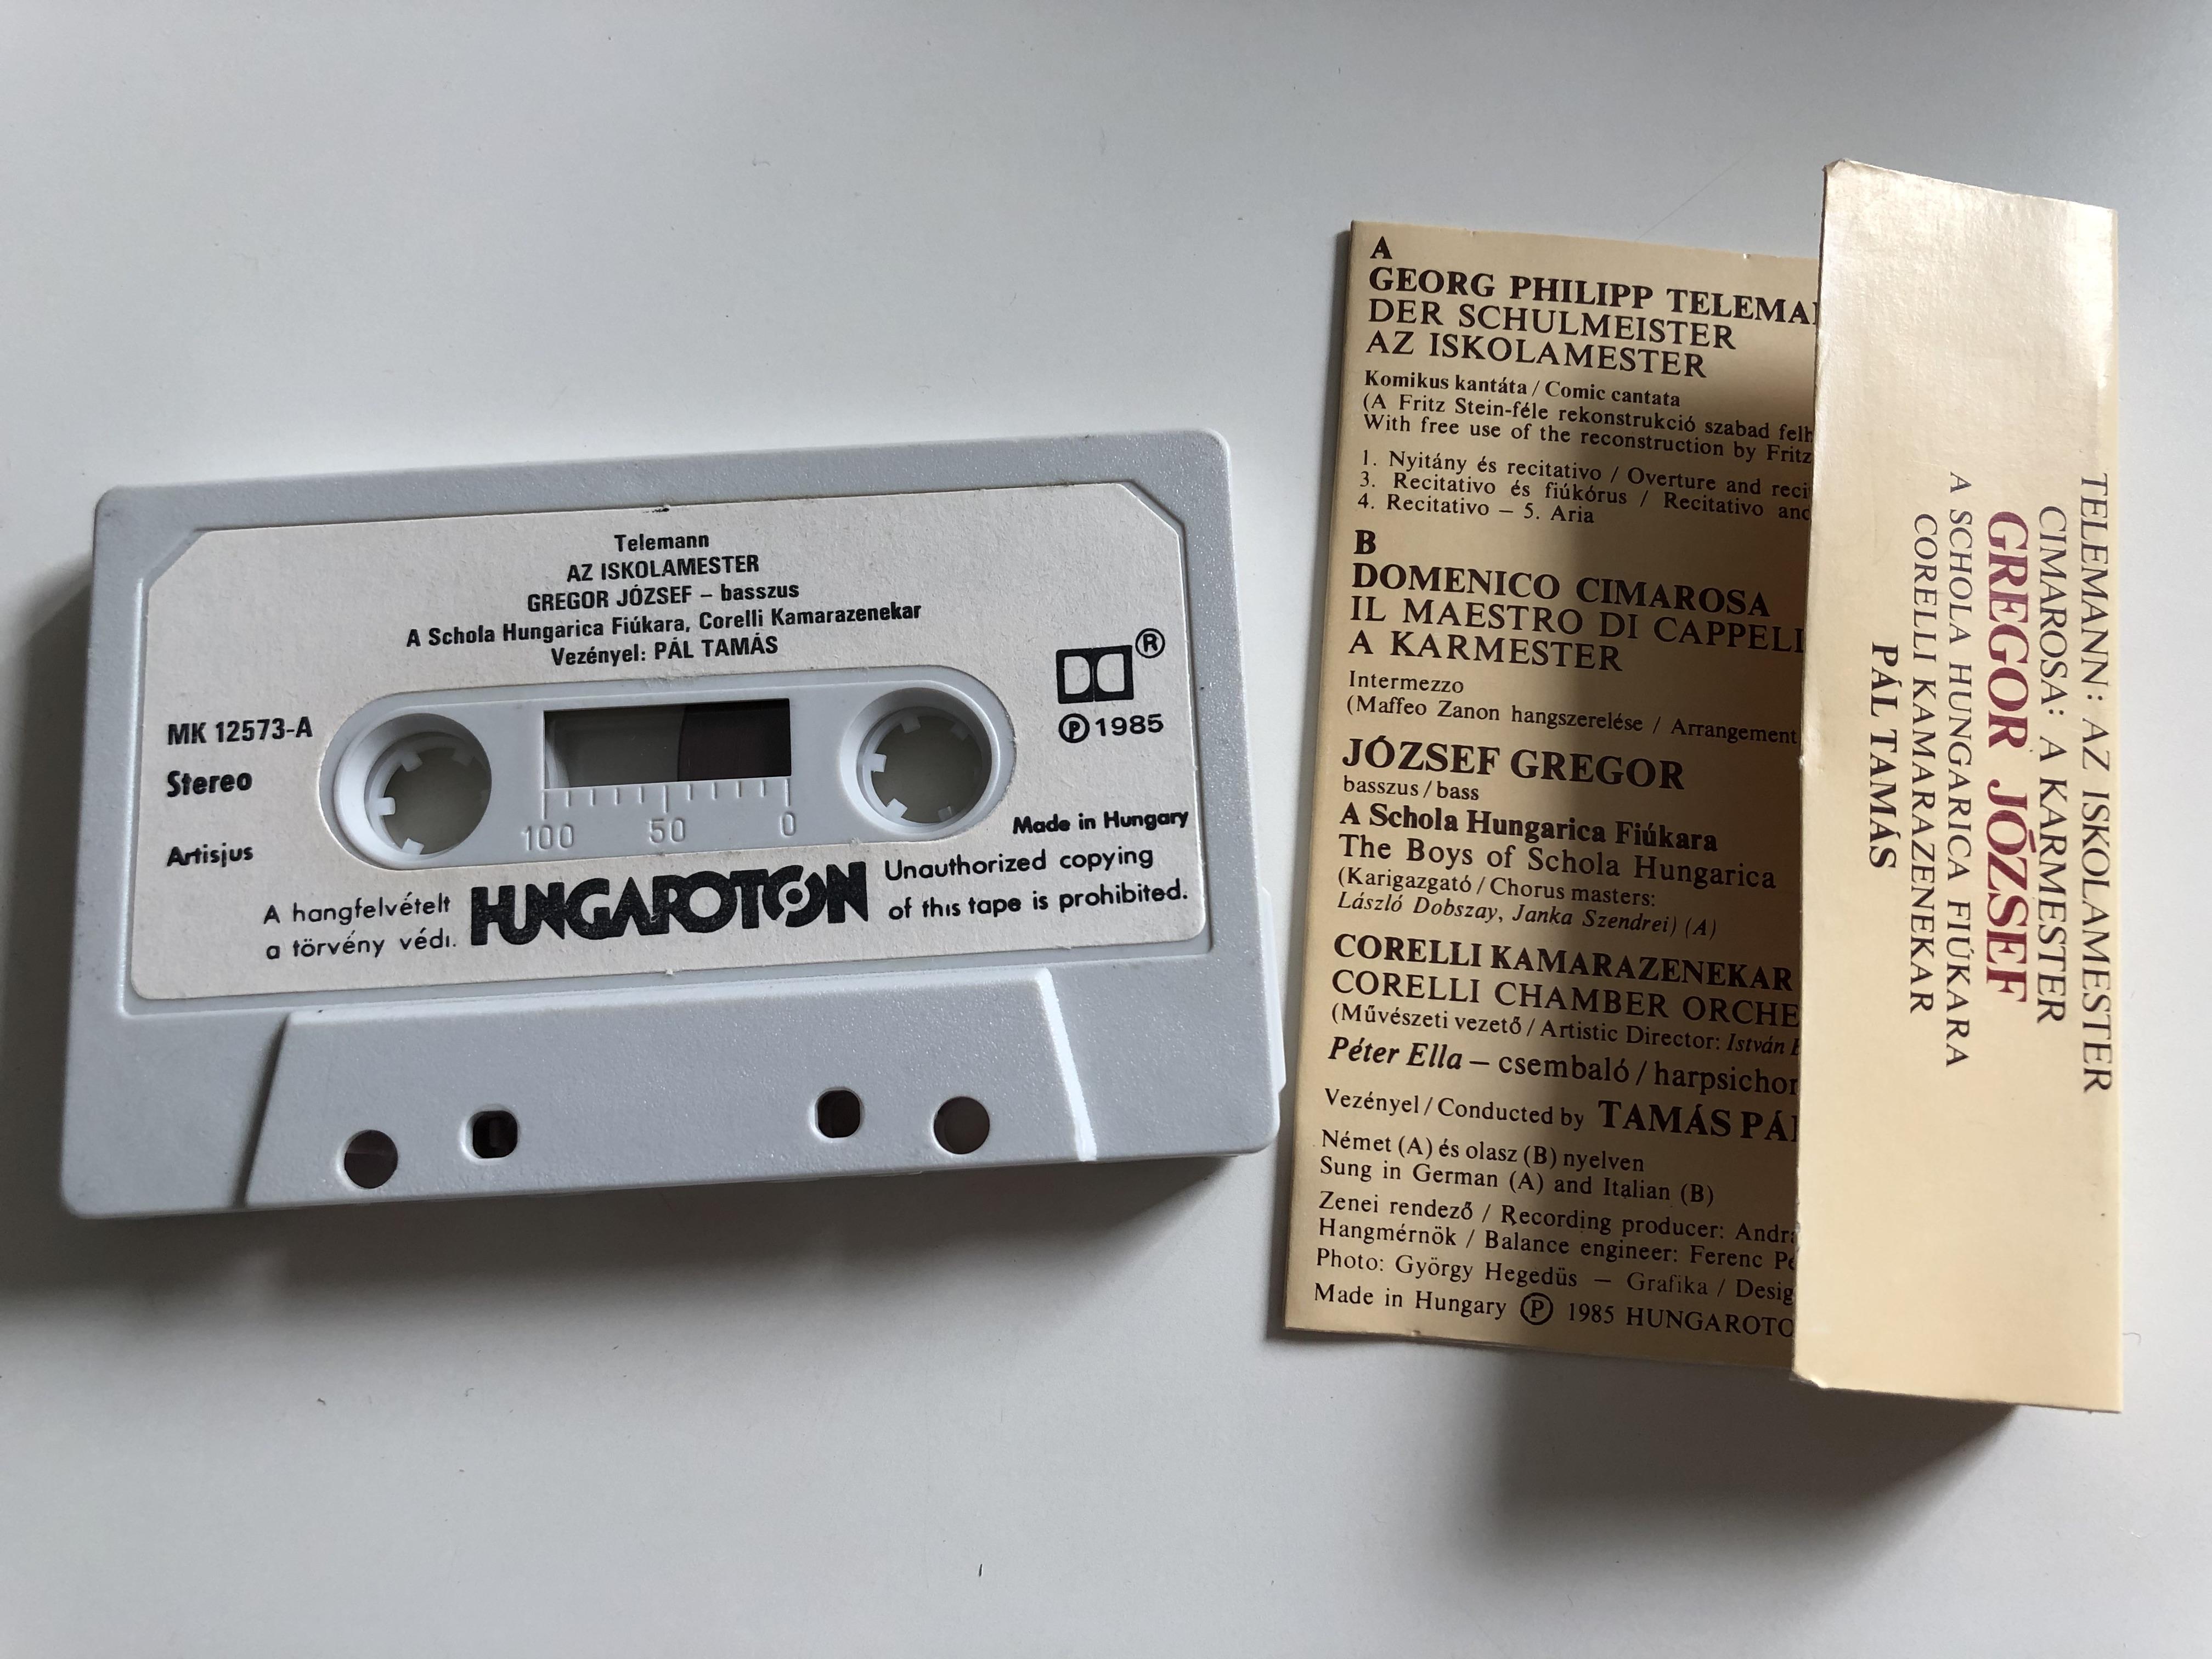 telemann-der-schulmeister-cimarosa-il-maestro-di-cappella-j-zsef-gregor-the-boys-of-schola-hungarica-corelli-chamber-orchestra-conducted-tam-s-p-l-hungaroton-cassette-stereo-mk-1257.jpg